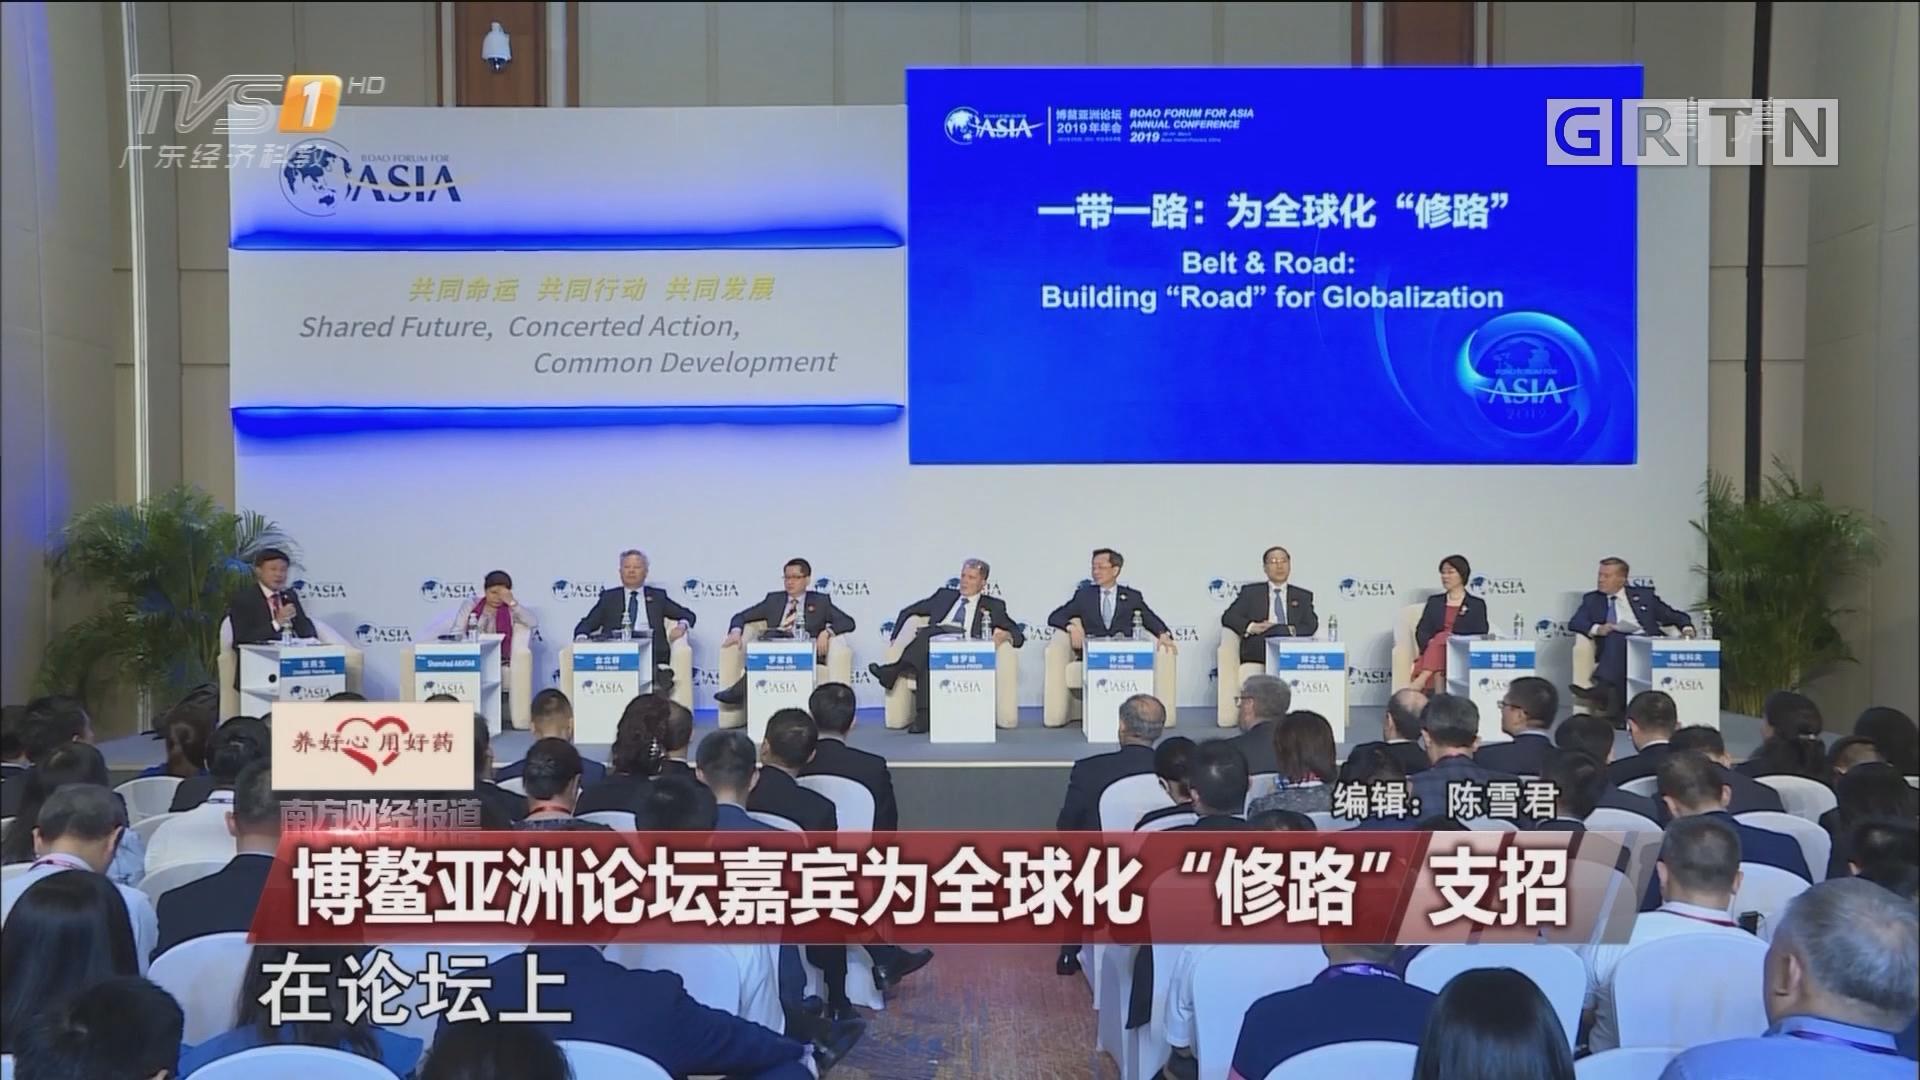 """博鳌亚洲论坛嘉宾为全球化""""修路""""支招"""